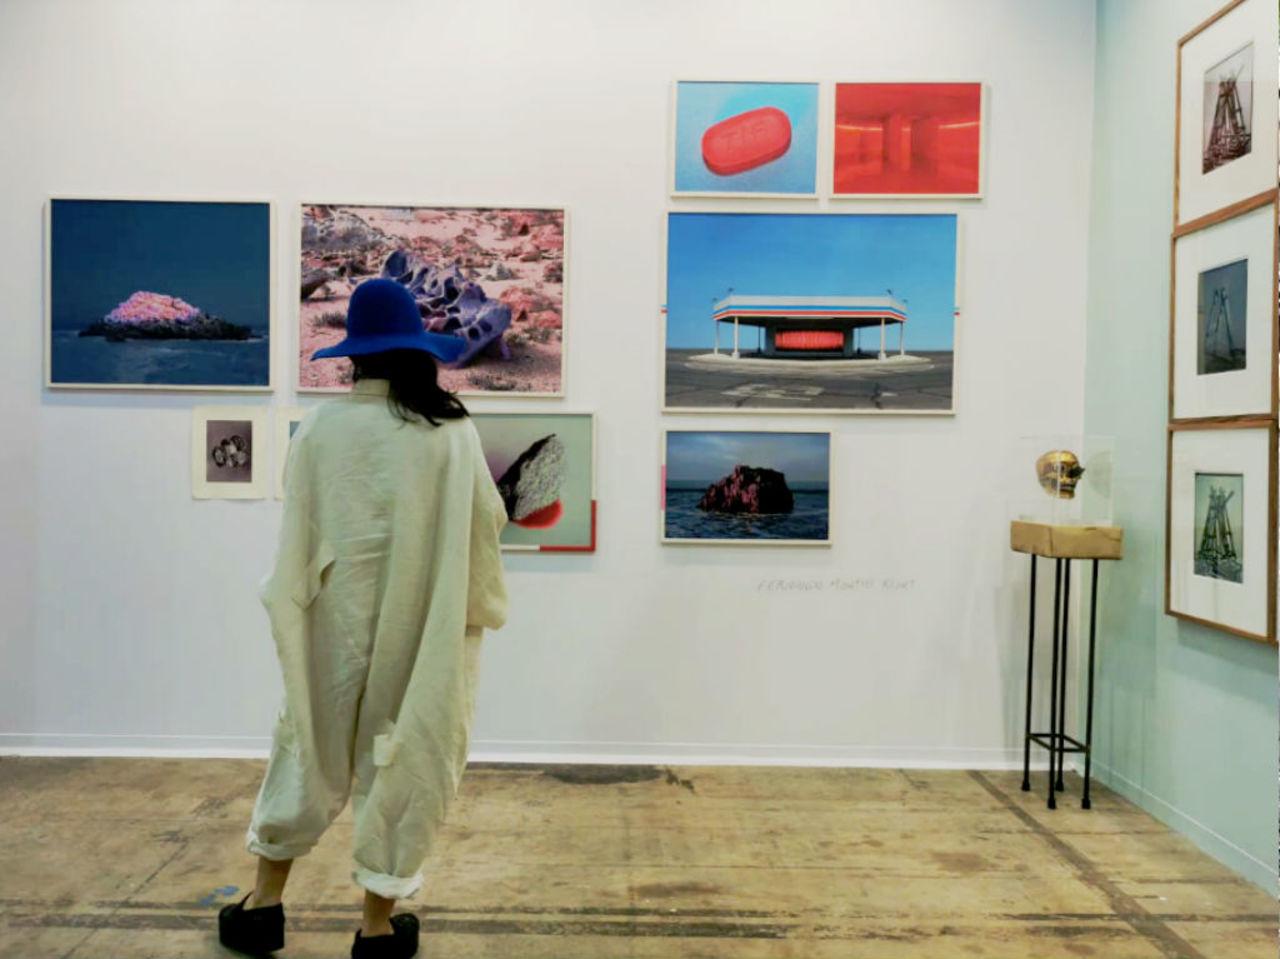 Zona MACO 2021 impulsa a galeristas y artistas